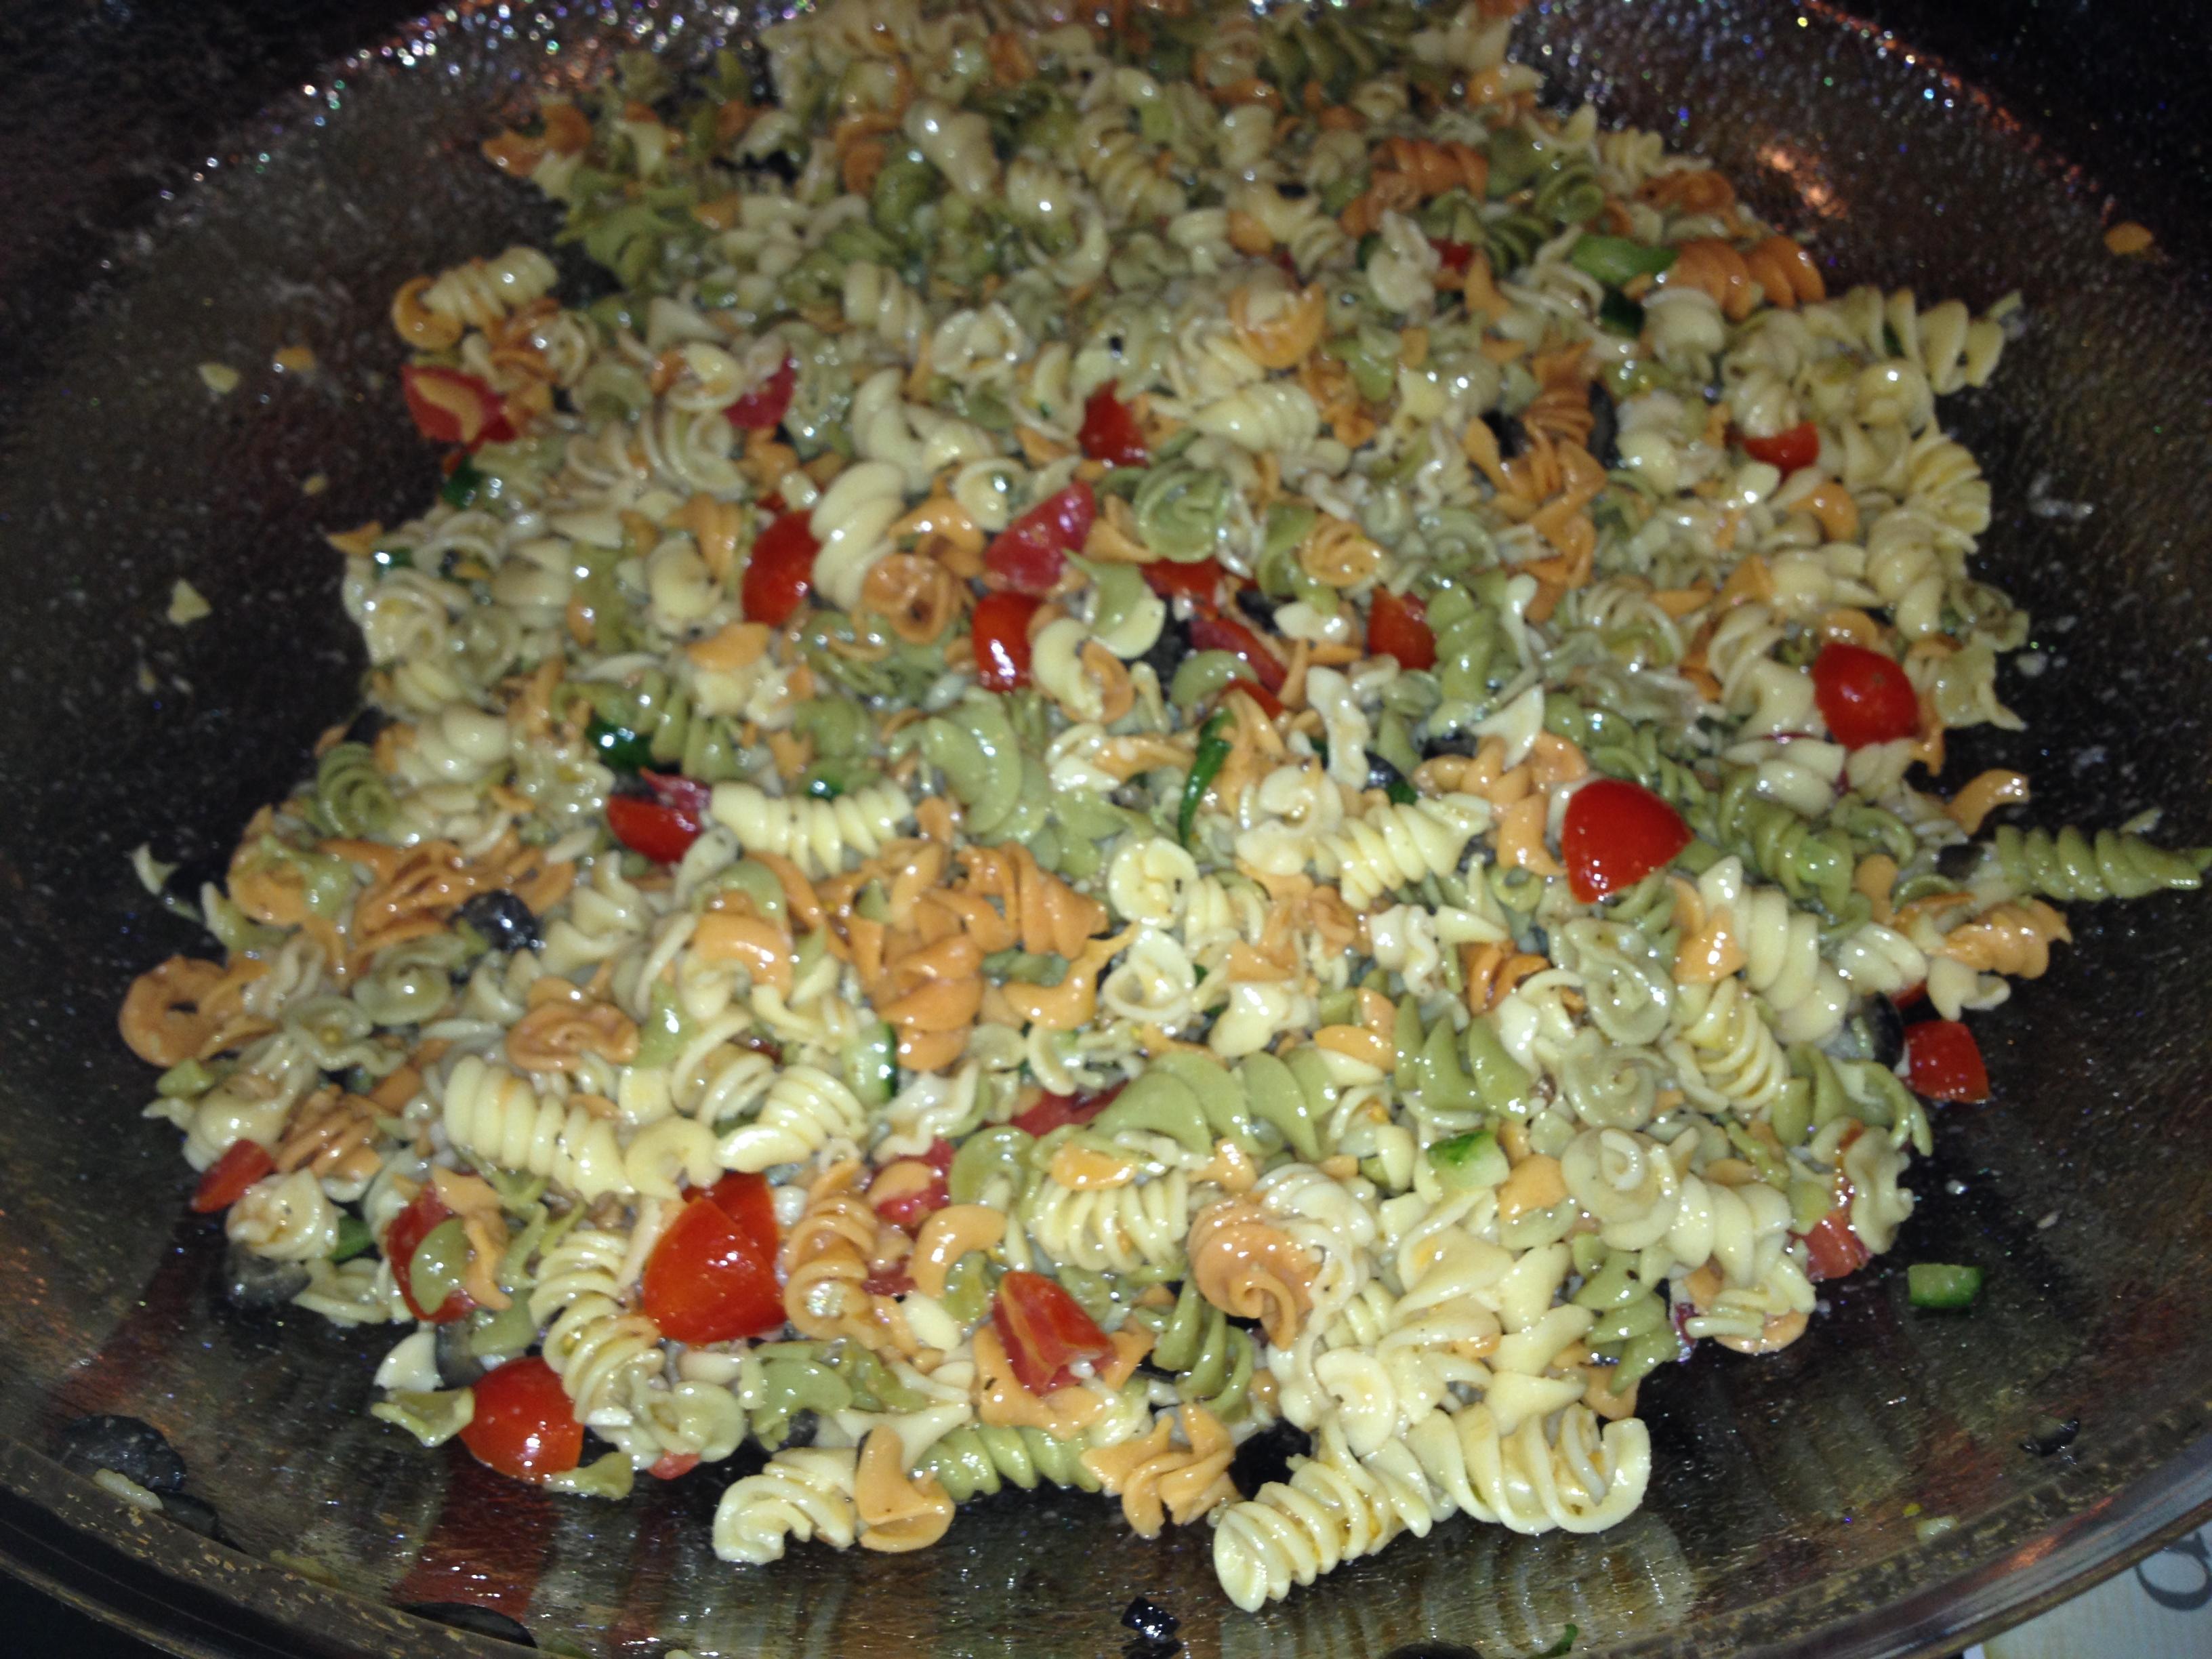 Rogliano's Simple Pasta Salad